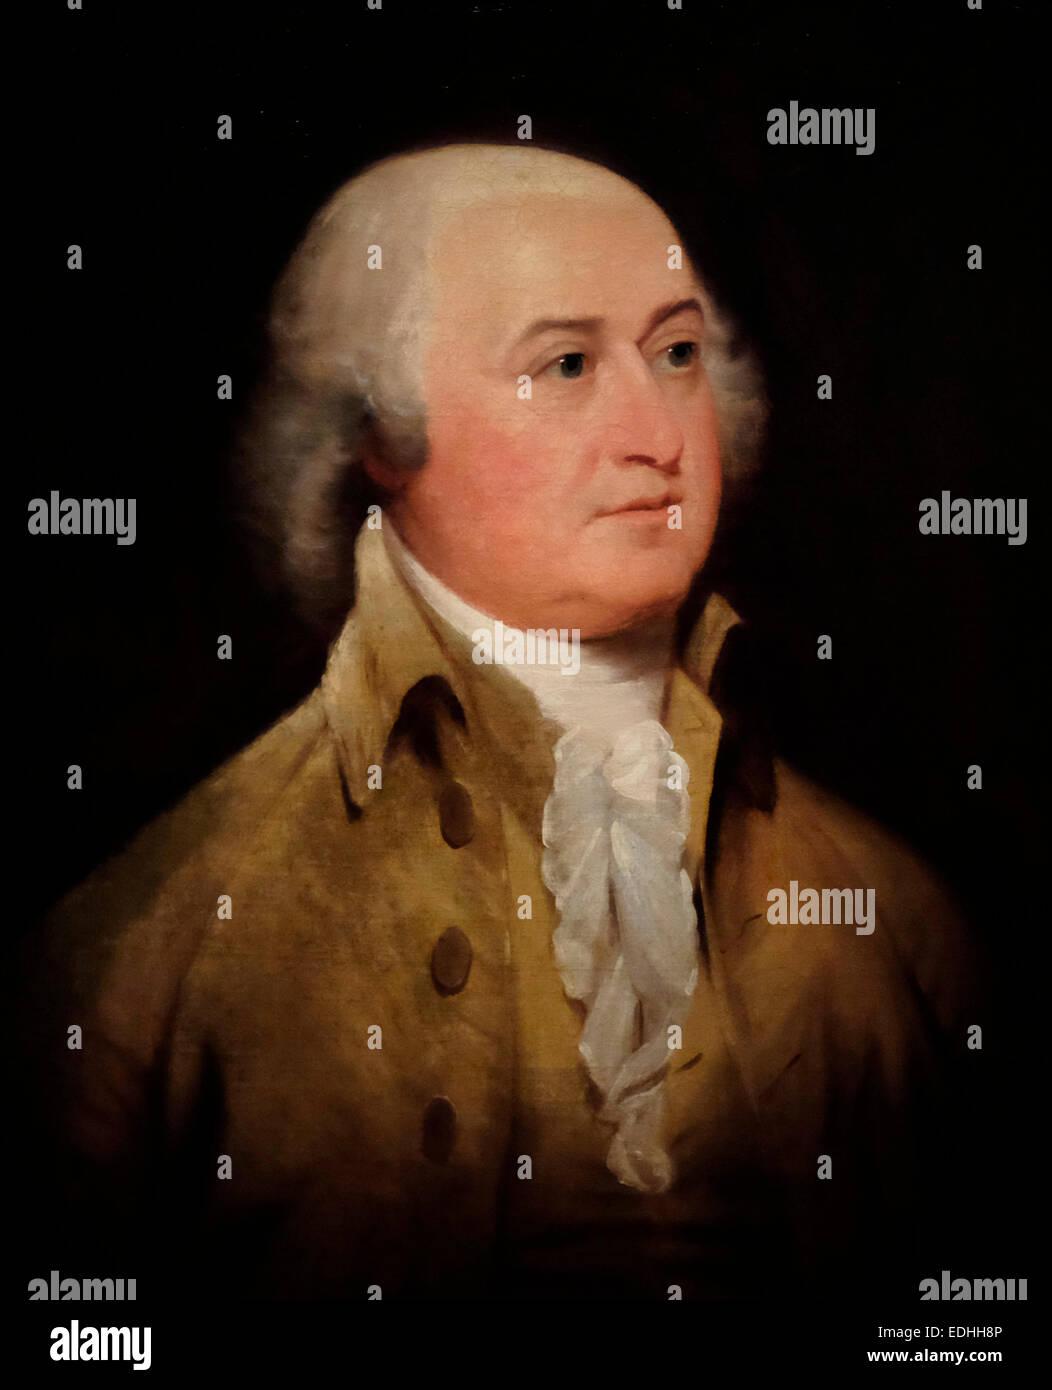 President John Adams - John Trumbull 1793 - Stock Image